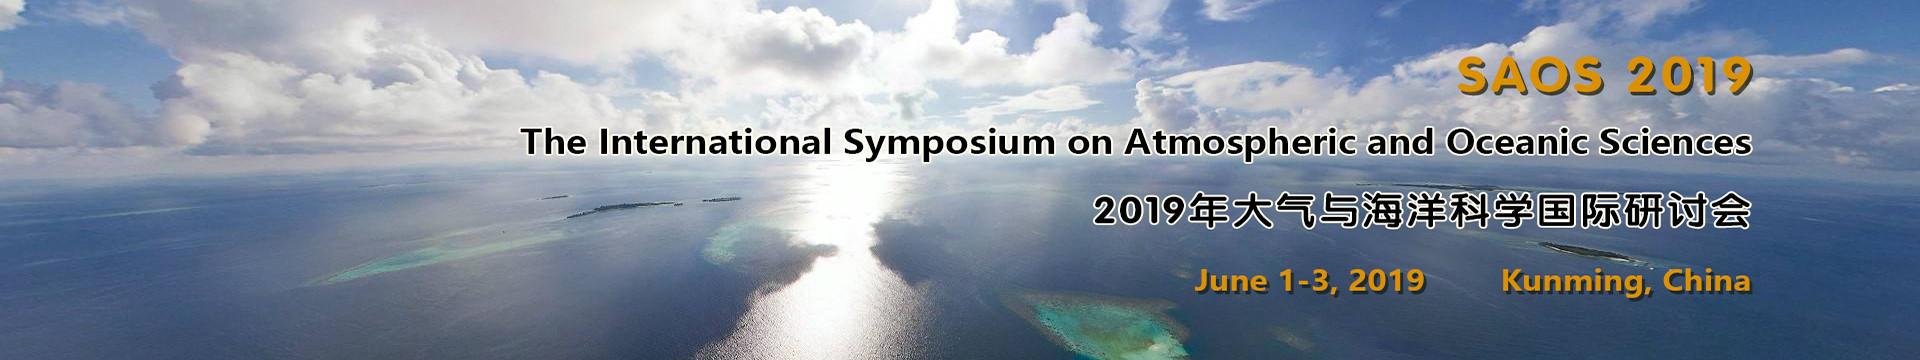 2019年大气与海洋科学国际研讨会